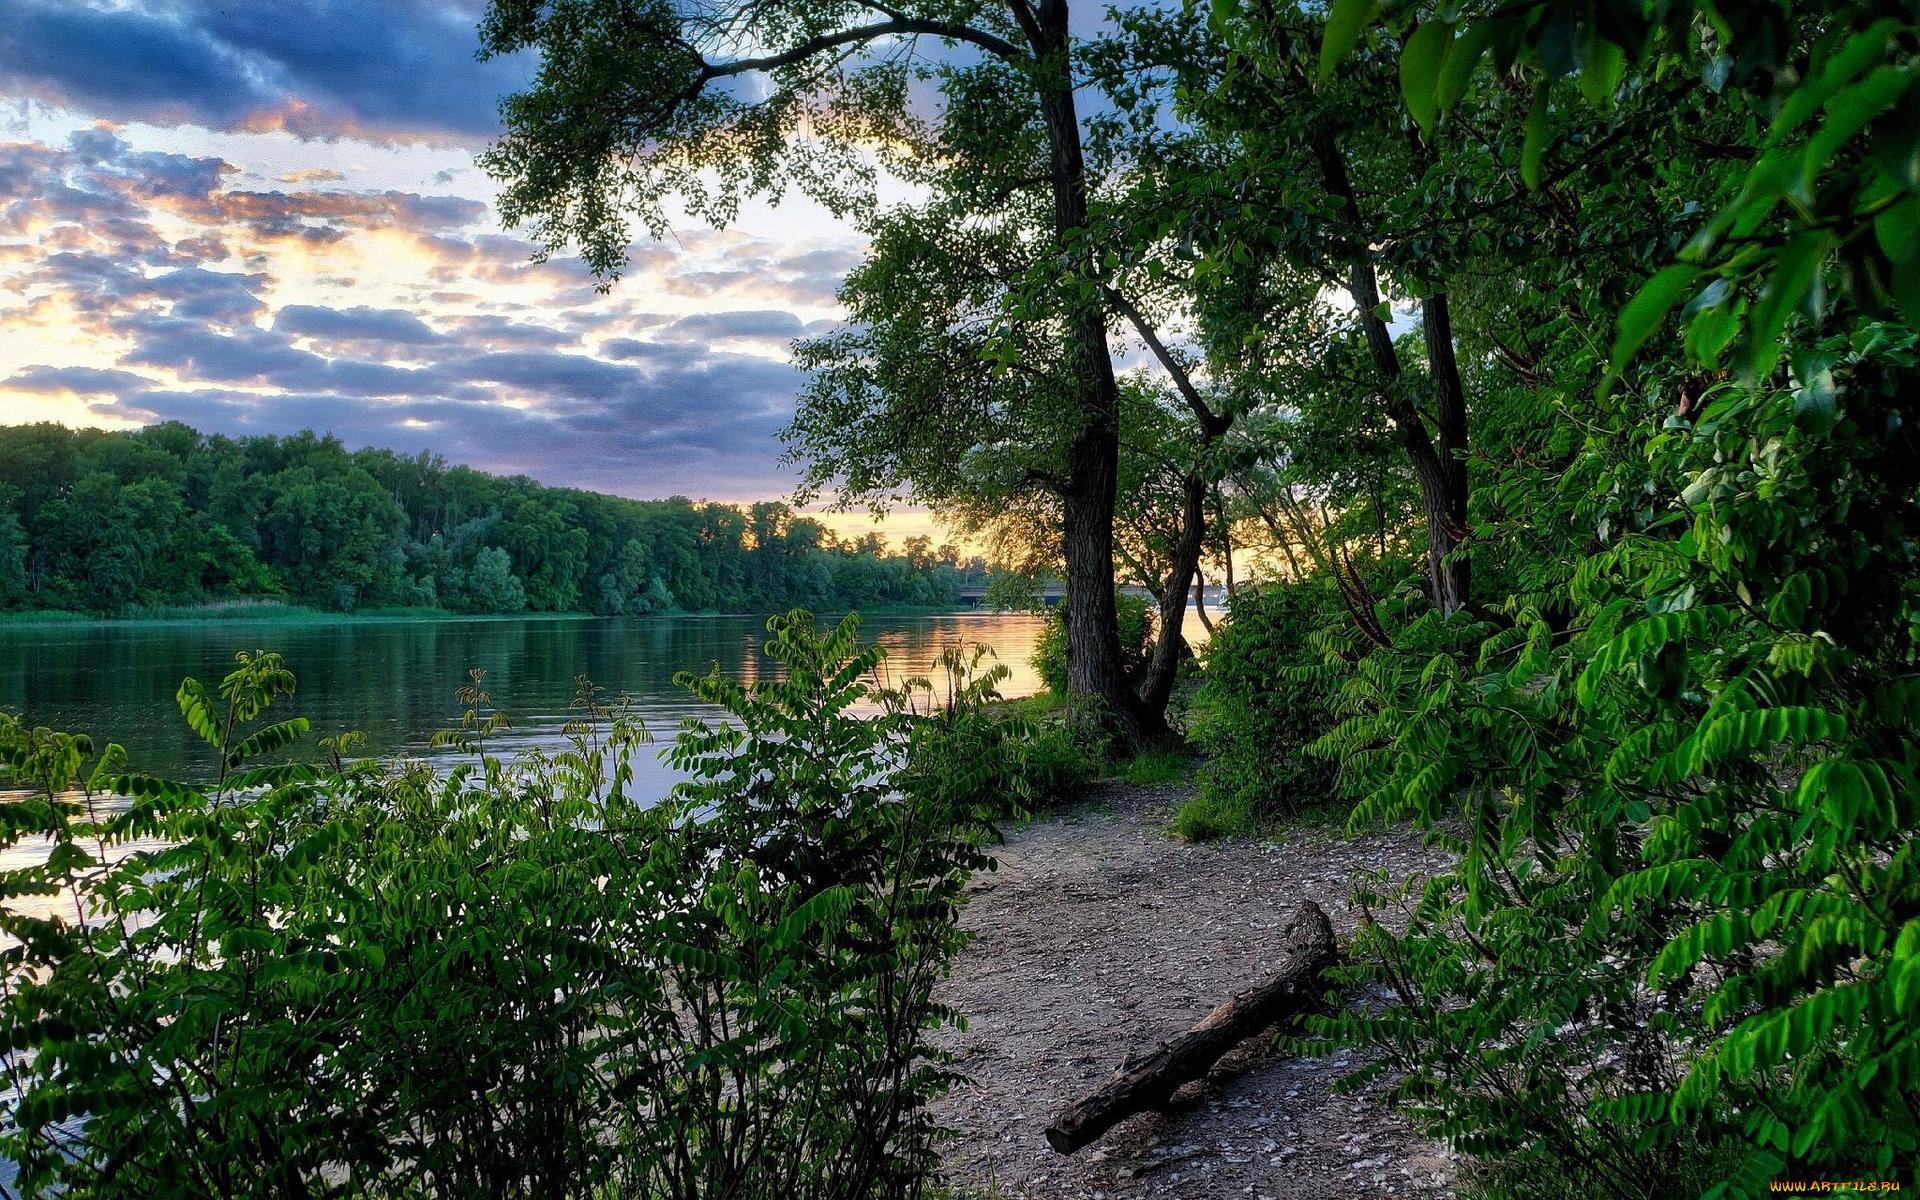 тихая заводь картинки река озеро